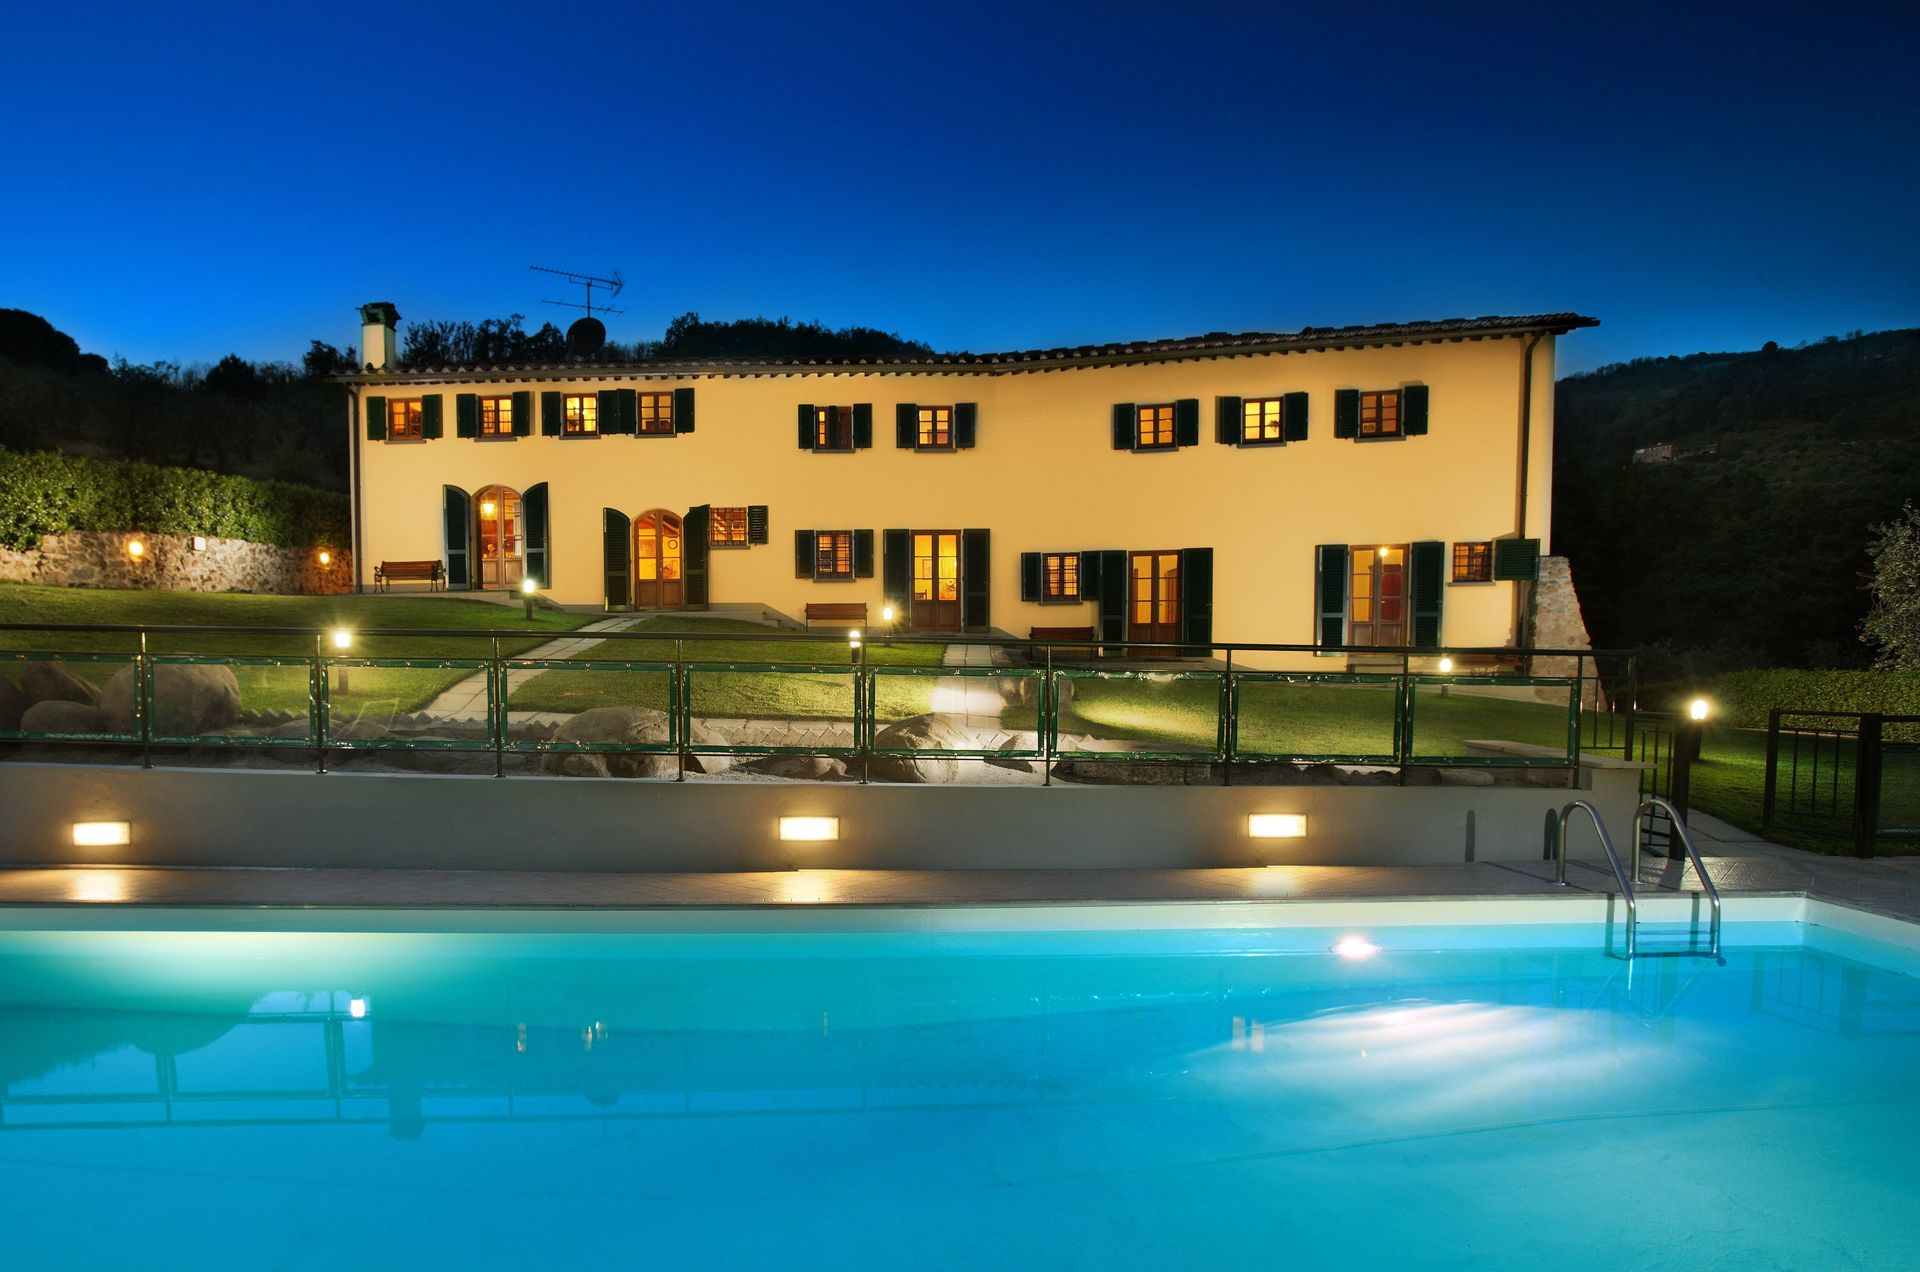 Rent a property in Massa